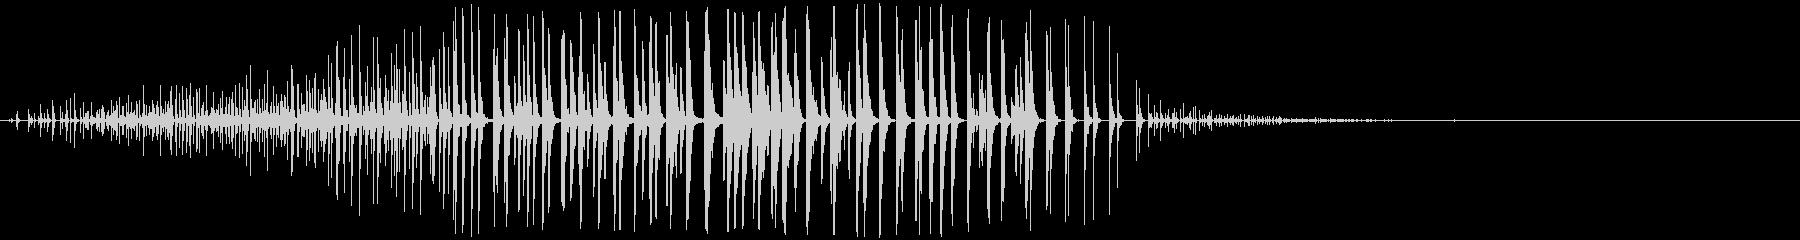 ミキミキ・・・(怪しい音)の未再生の波形